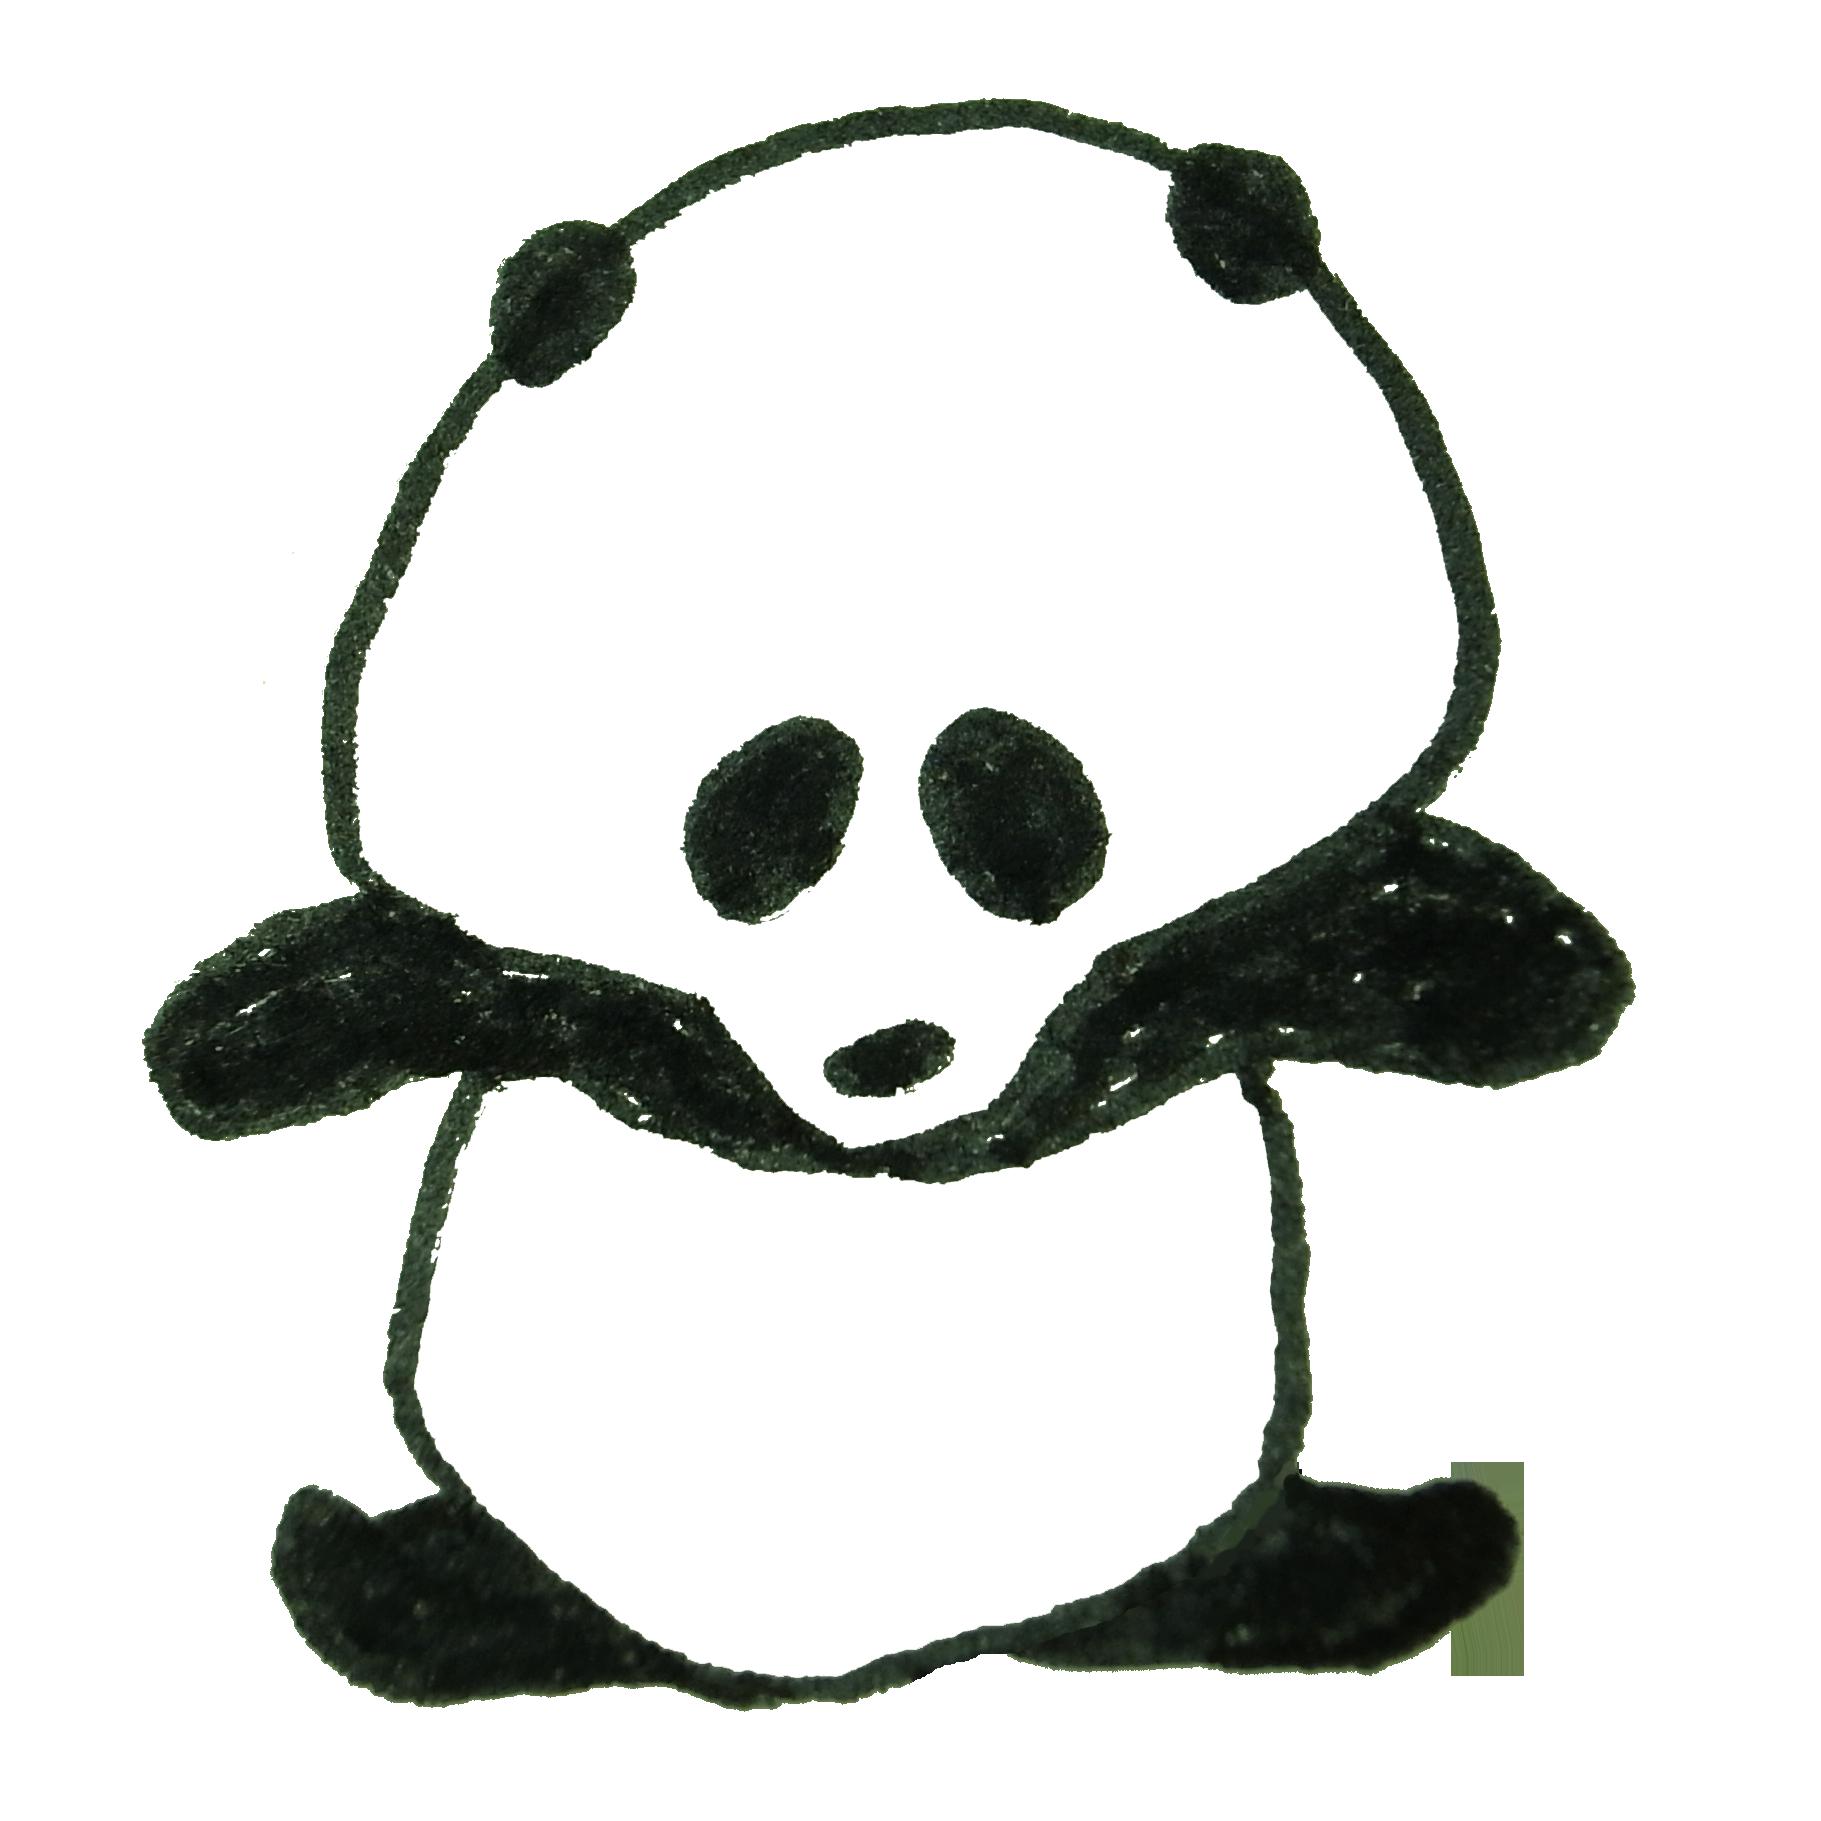 ストレッチをしようと試みるも、体が硬いパンダ